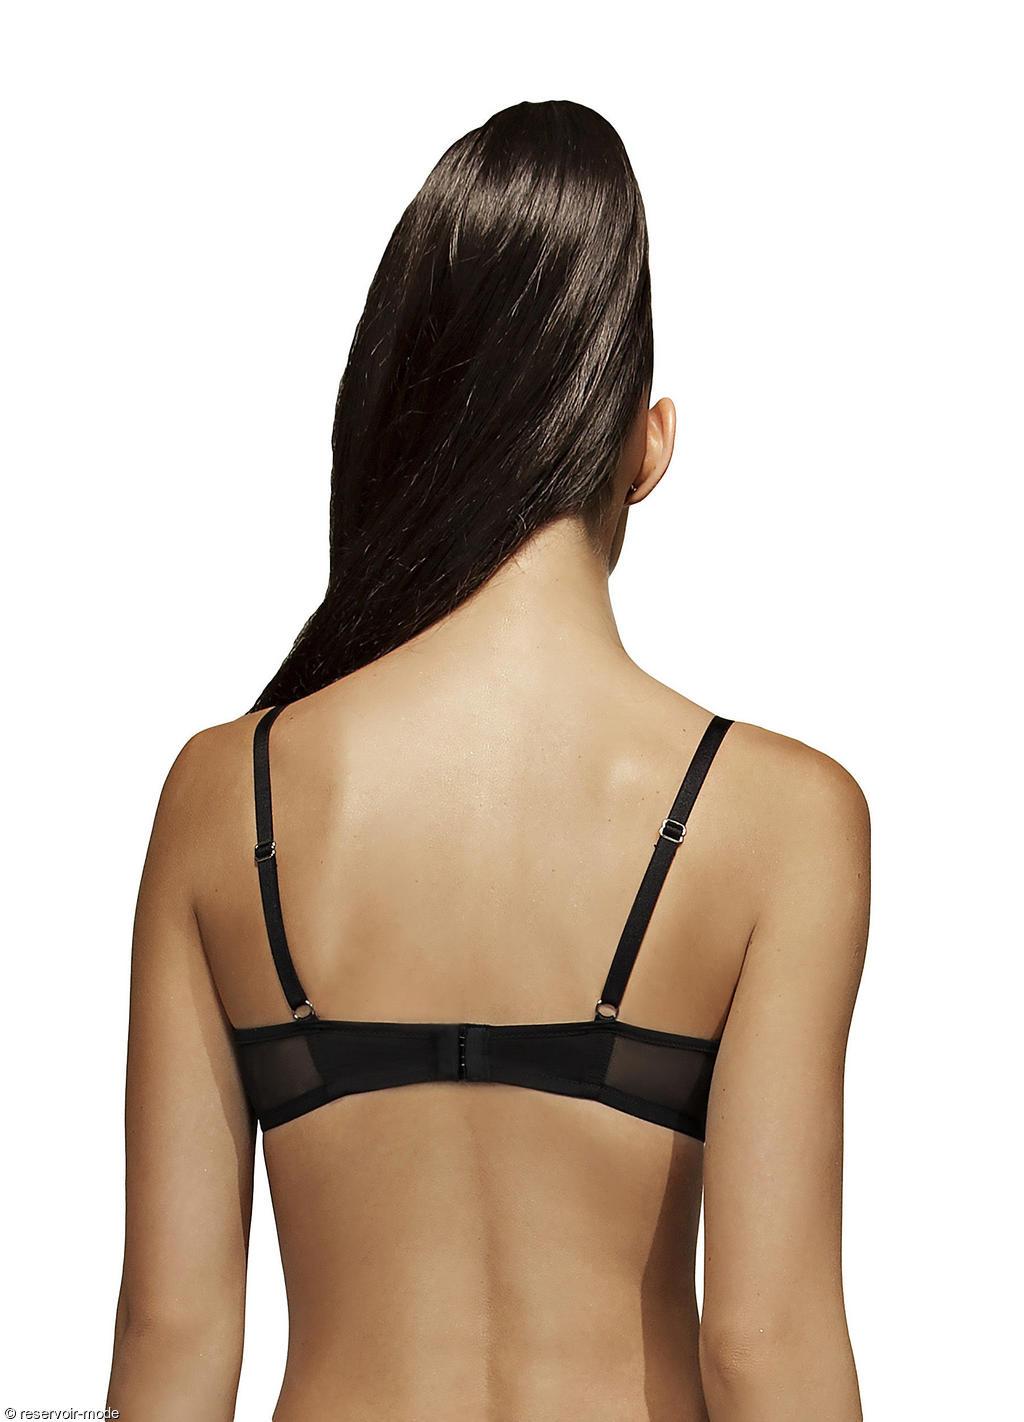 Le soutien-gorge voile dentelle noire de la marque Aimée L, avantagera réellement votre sex appeal grâce à sa dentelle transparente. Des sous-vêtements adaptés à .